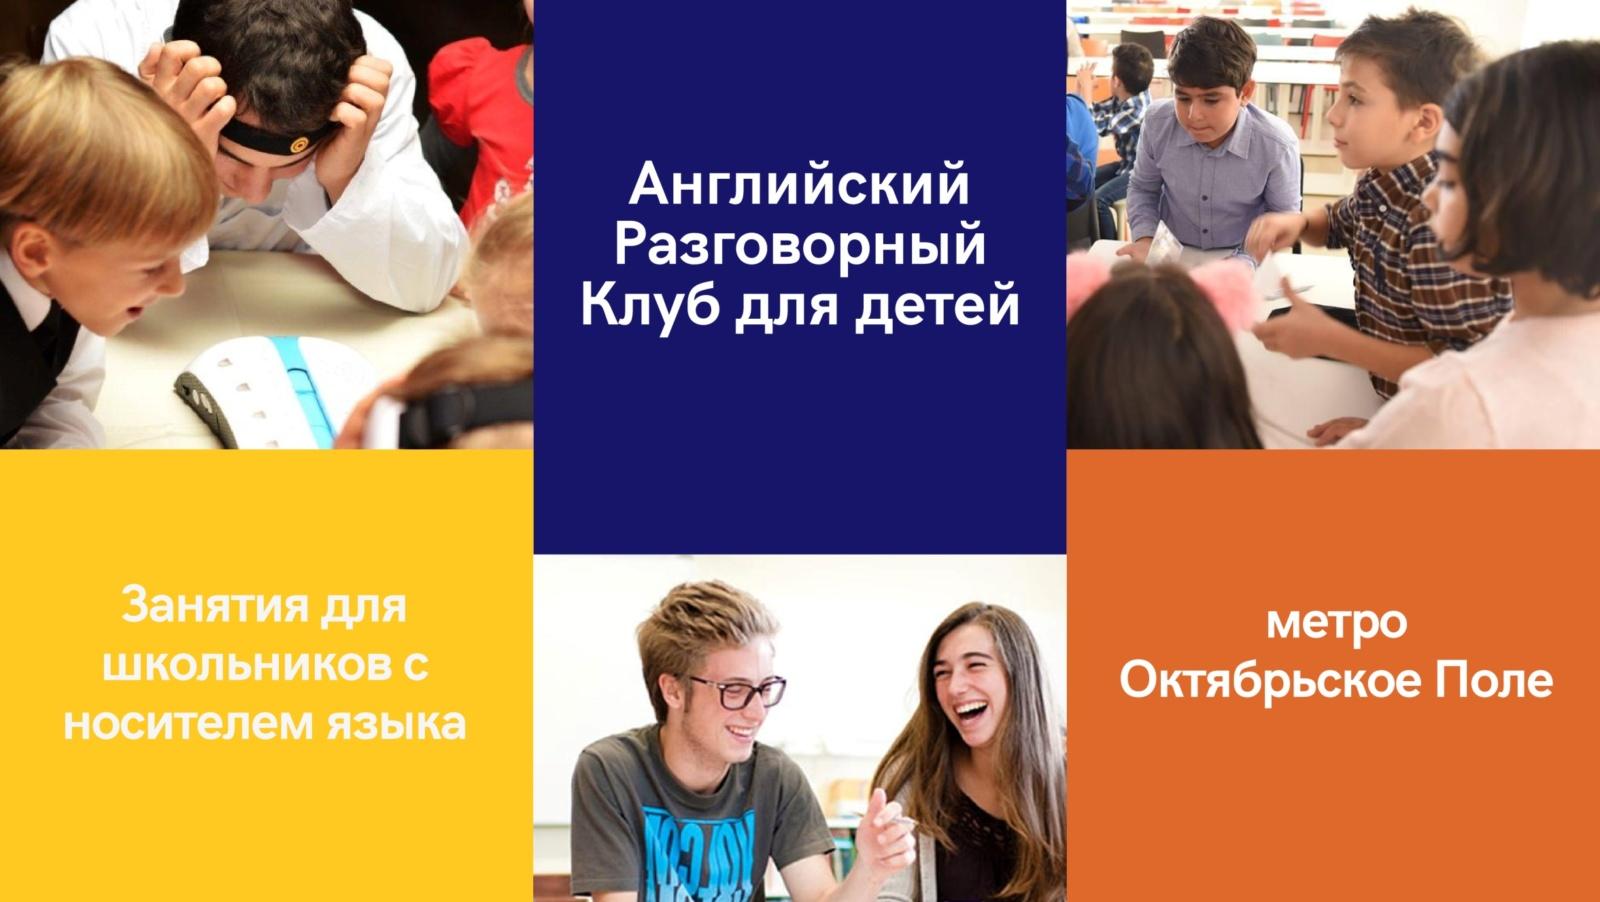 Английский разговорный клуб с носителем в москве стриптиз бар томск